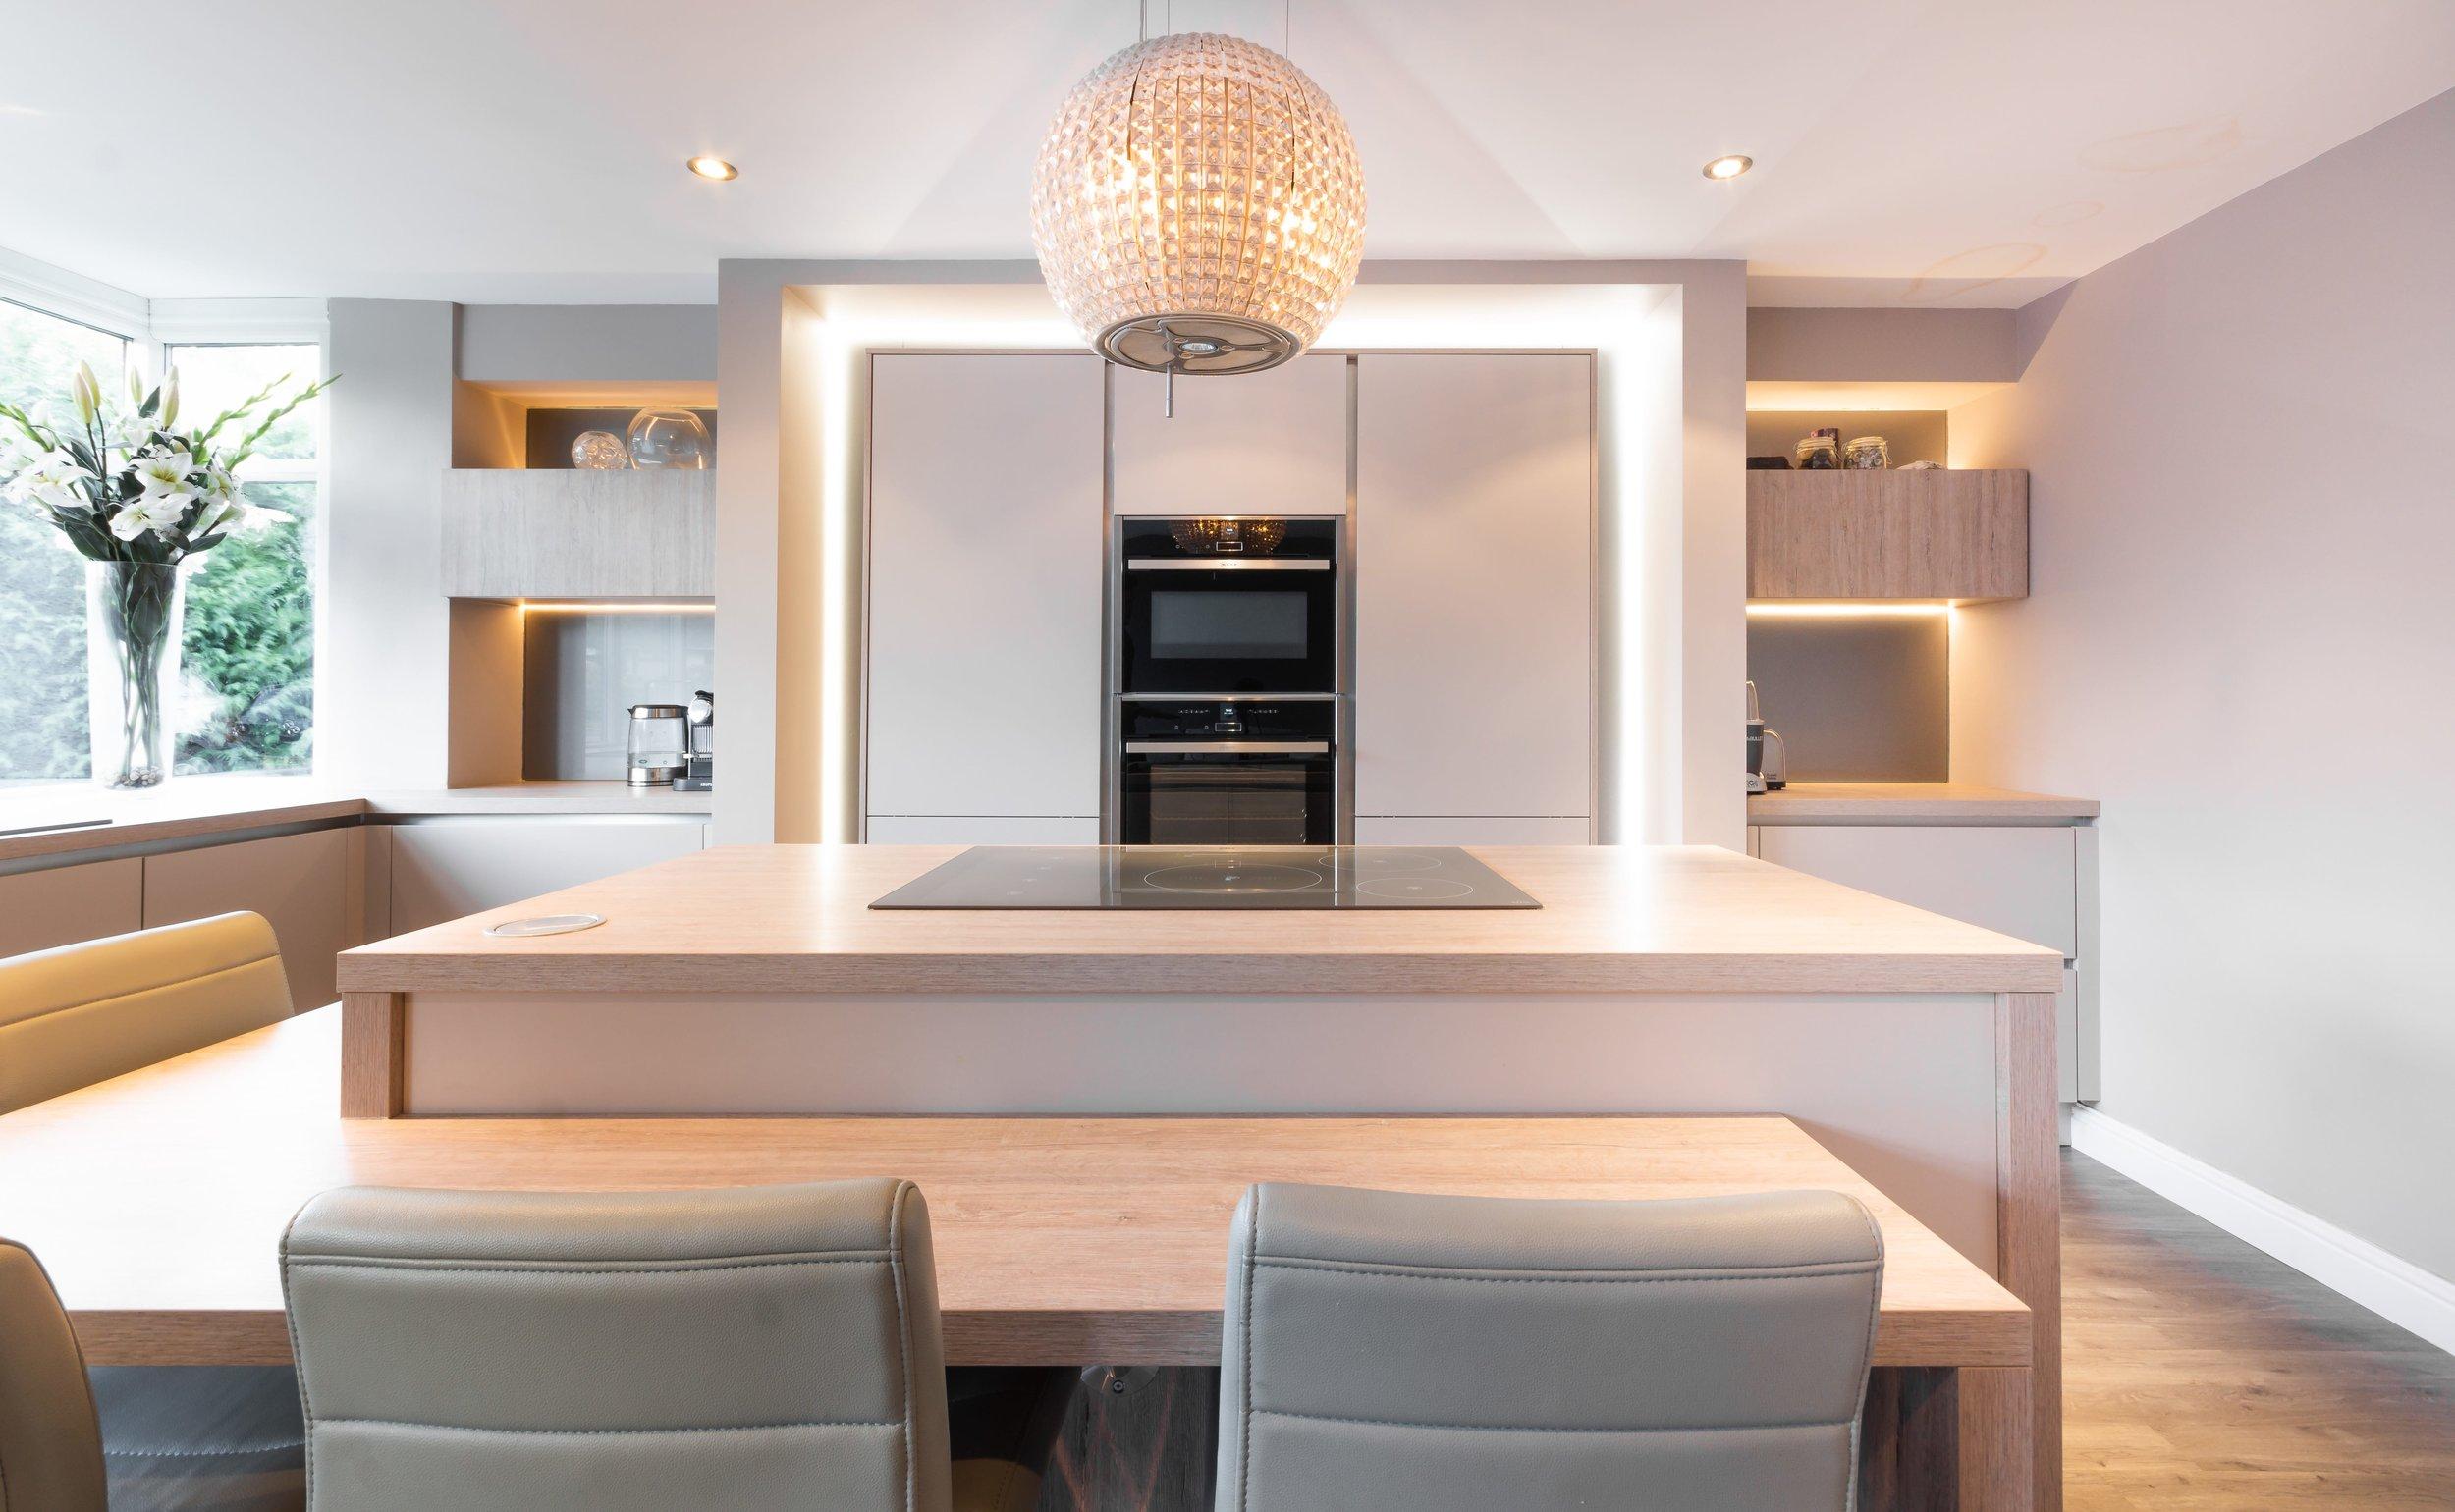 Adams-Kitchen-Webbs-Kendal-4.jpg